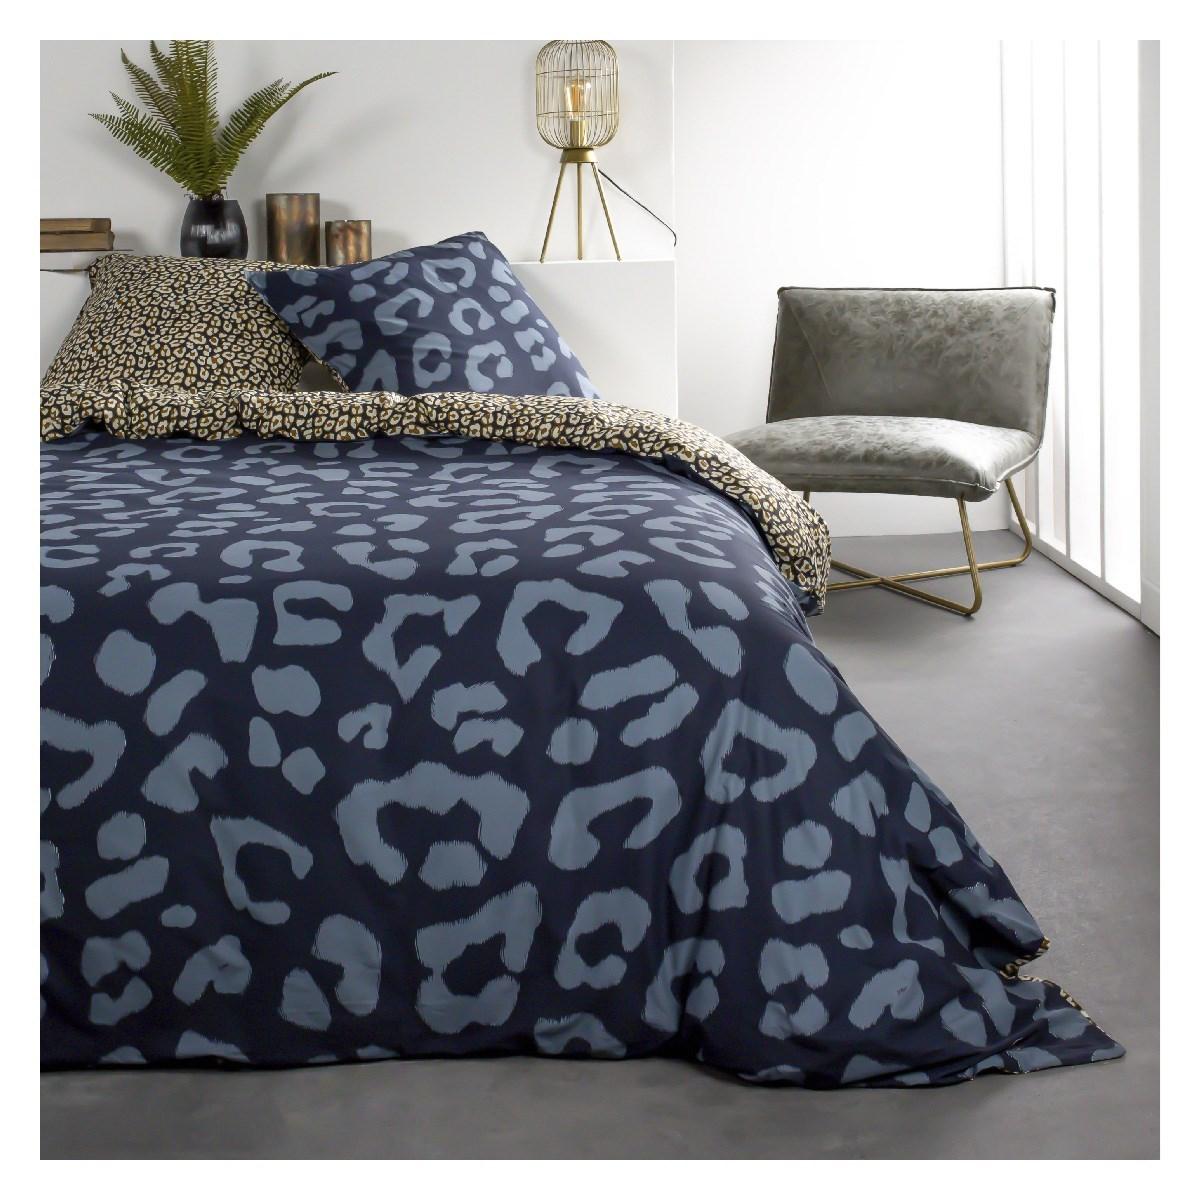 Parure de lit 2 personnes imprimé animal en Coton Bleu 220x240 cm